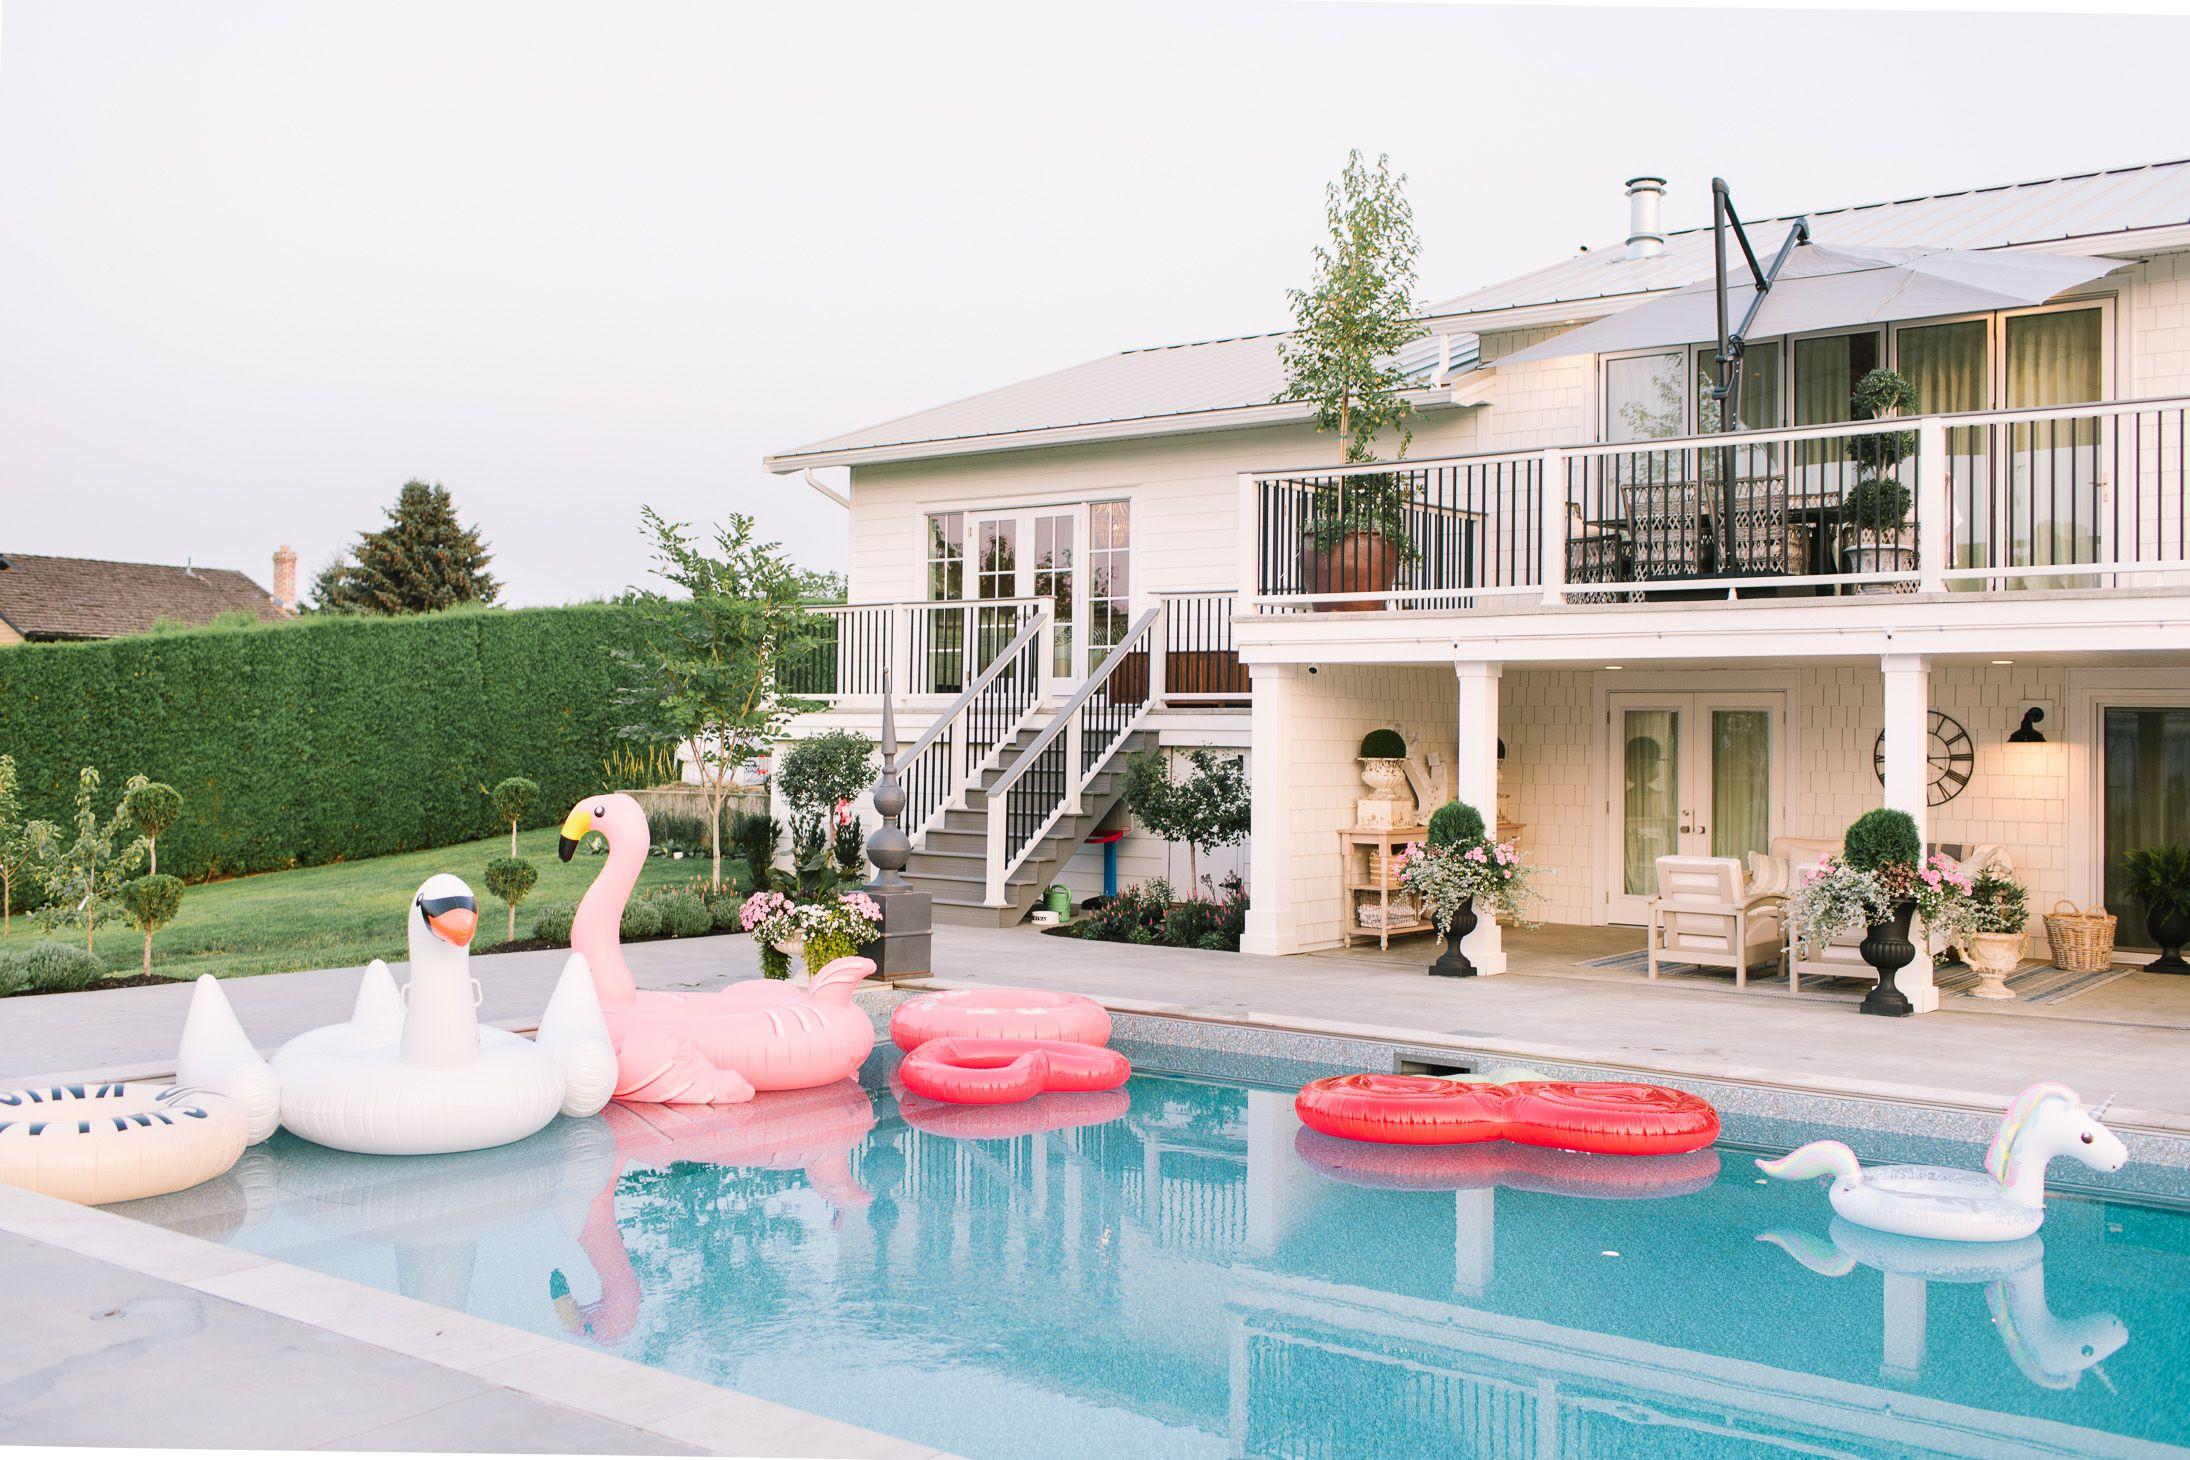 Summer Sunshine: Our Pool Details Delivered